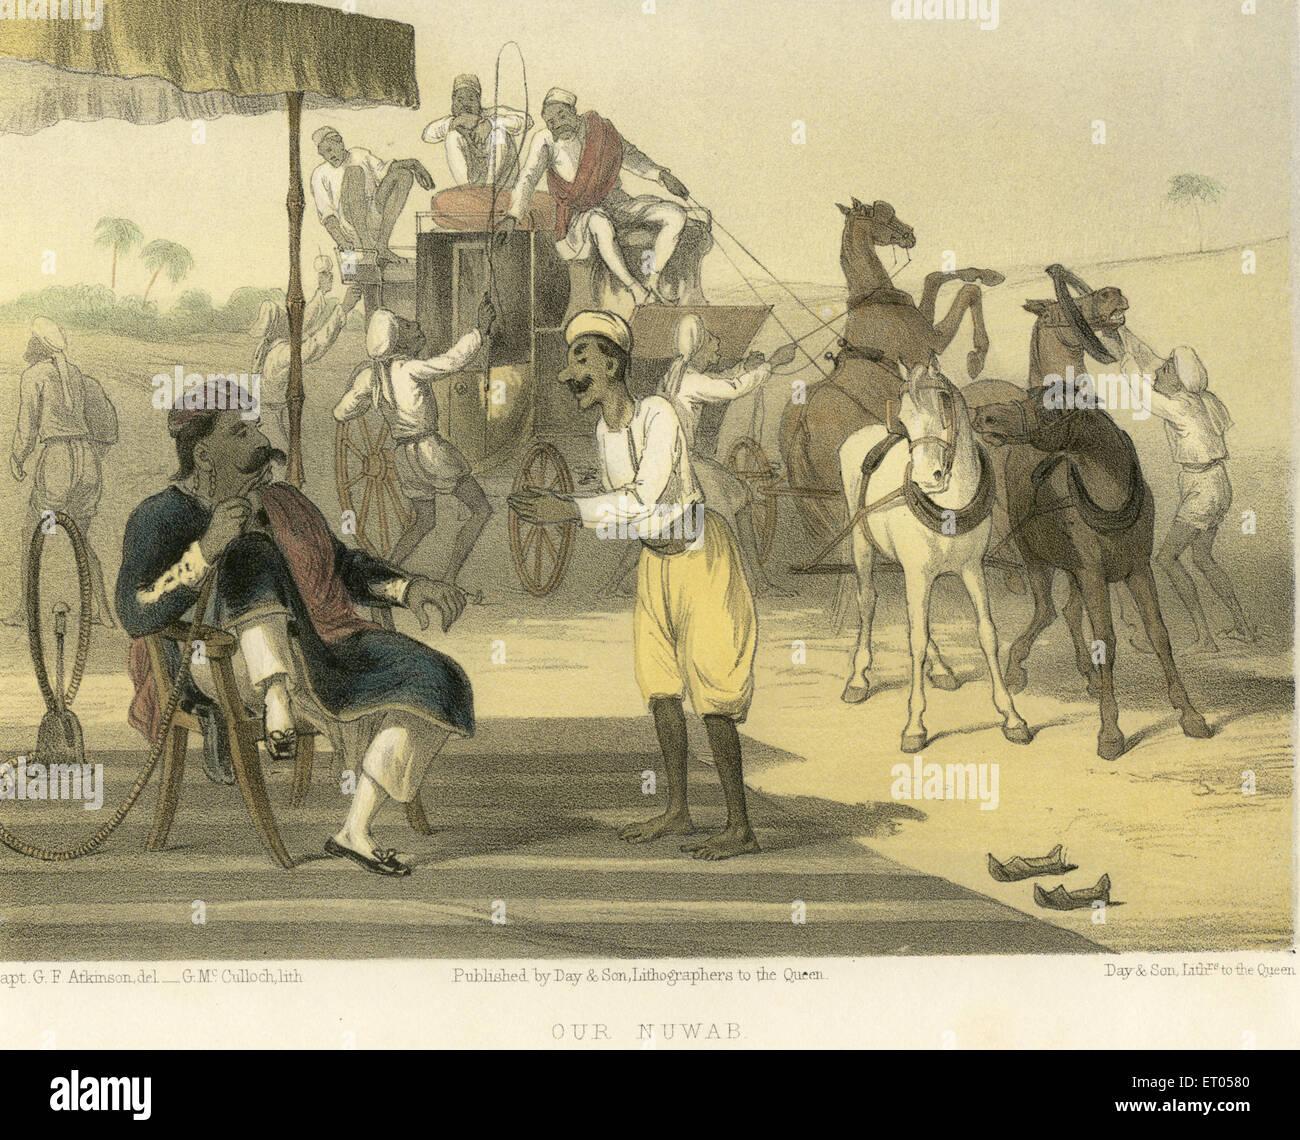 Koloniale indische Bilder; Unsere Nawab; Indien Stockbild